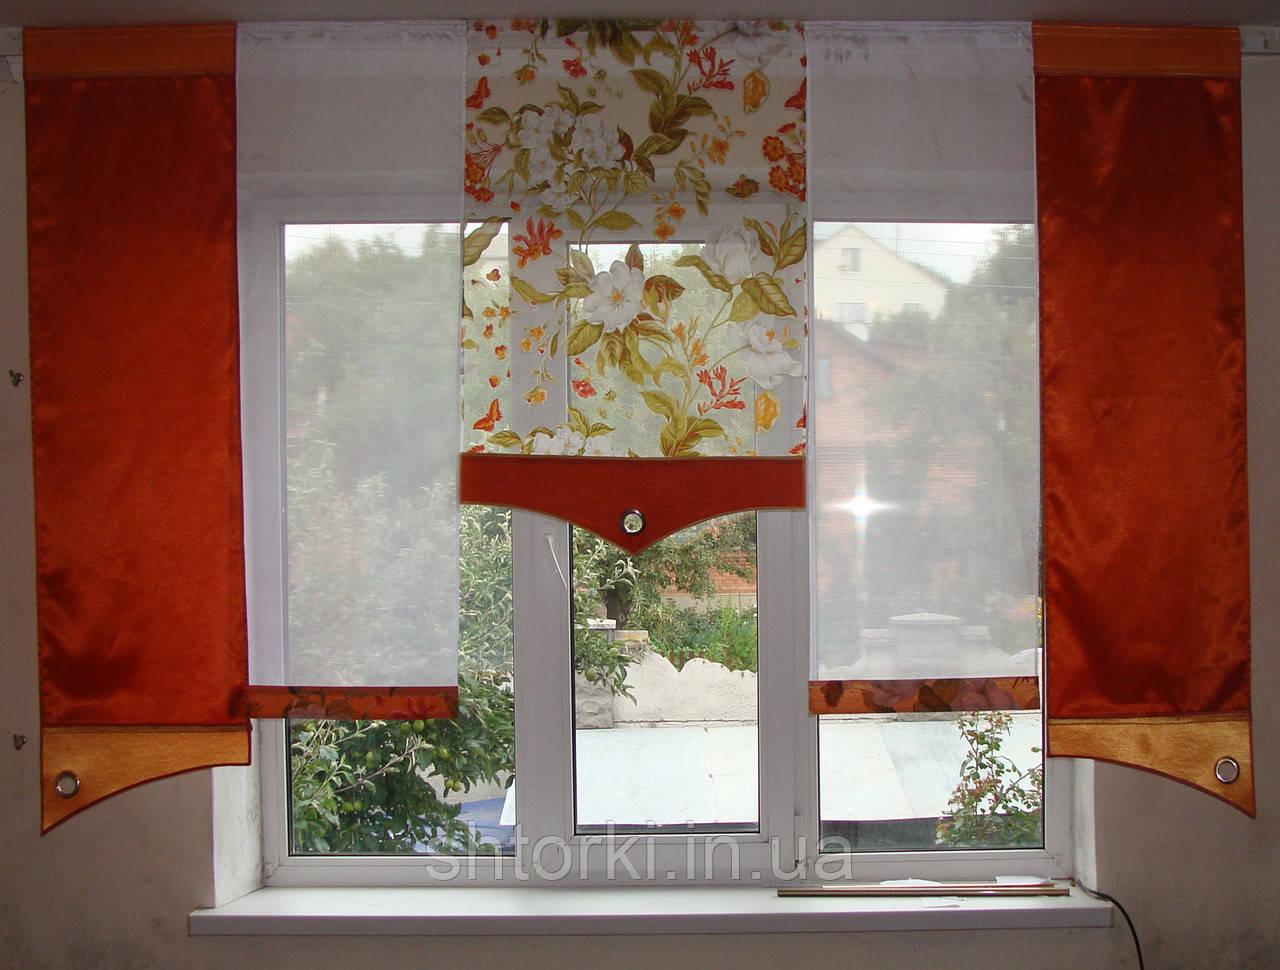 Комплект панельных шторок оранж и терракот цветы, 2м